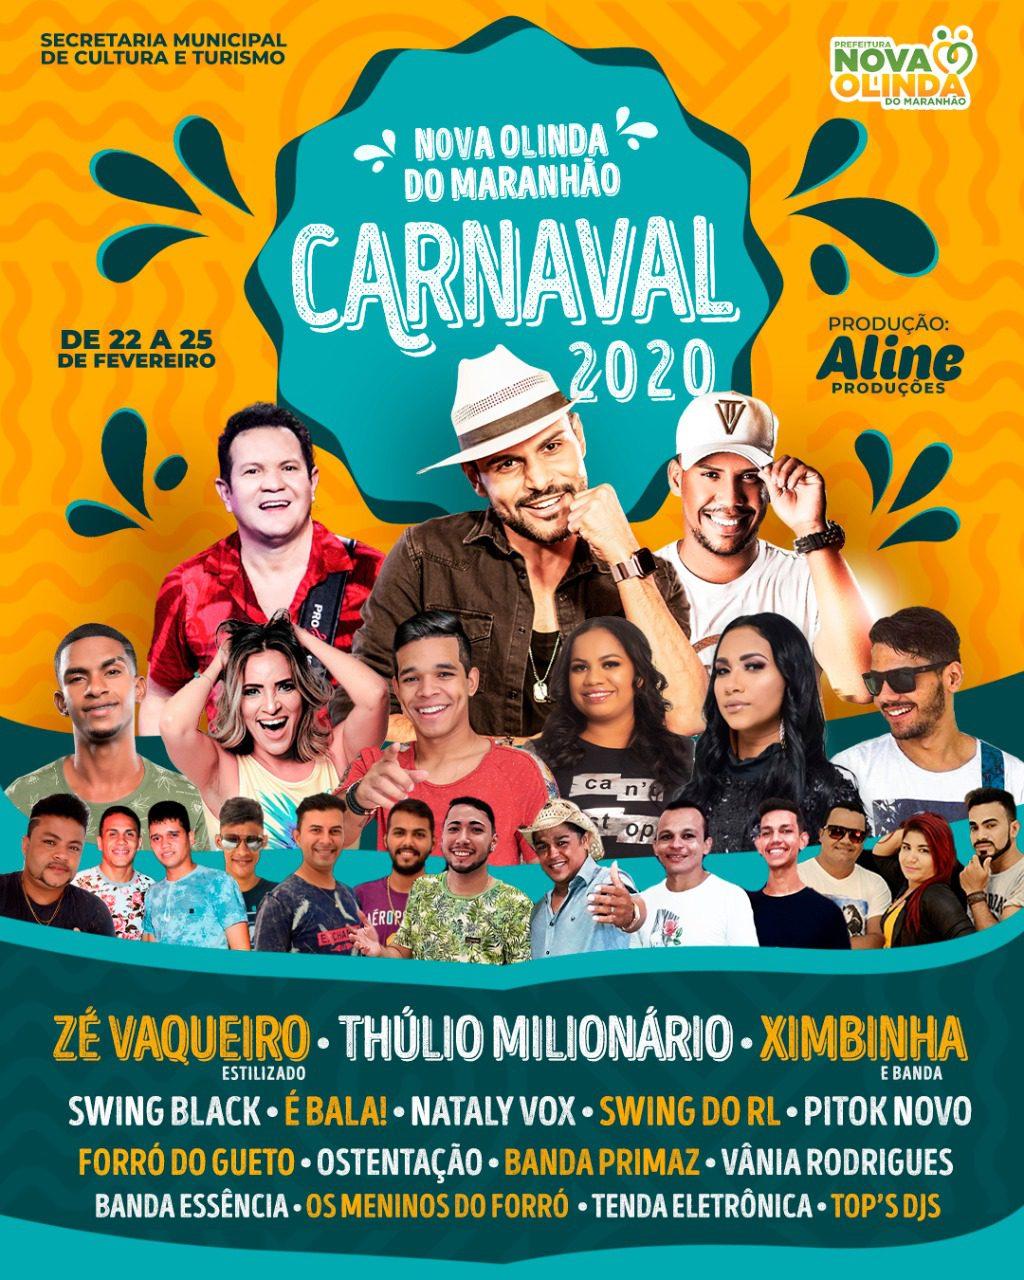 Definida a programação oficial do Carnaval 2020 em Nova Olinda do Maranhão.